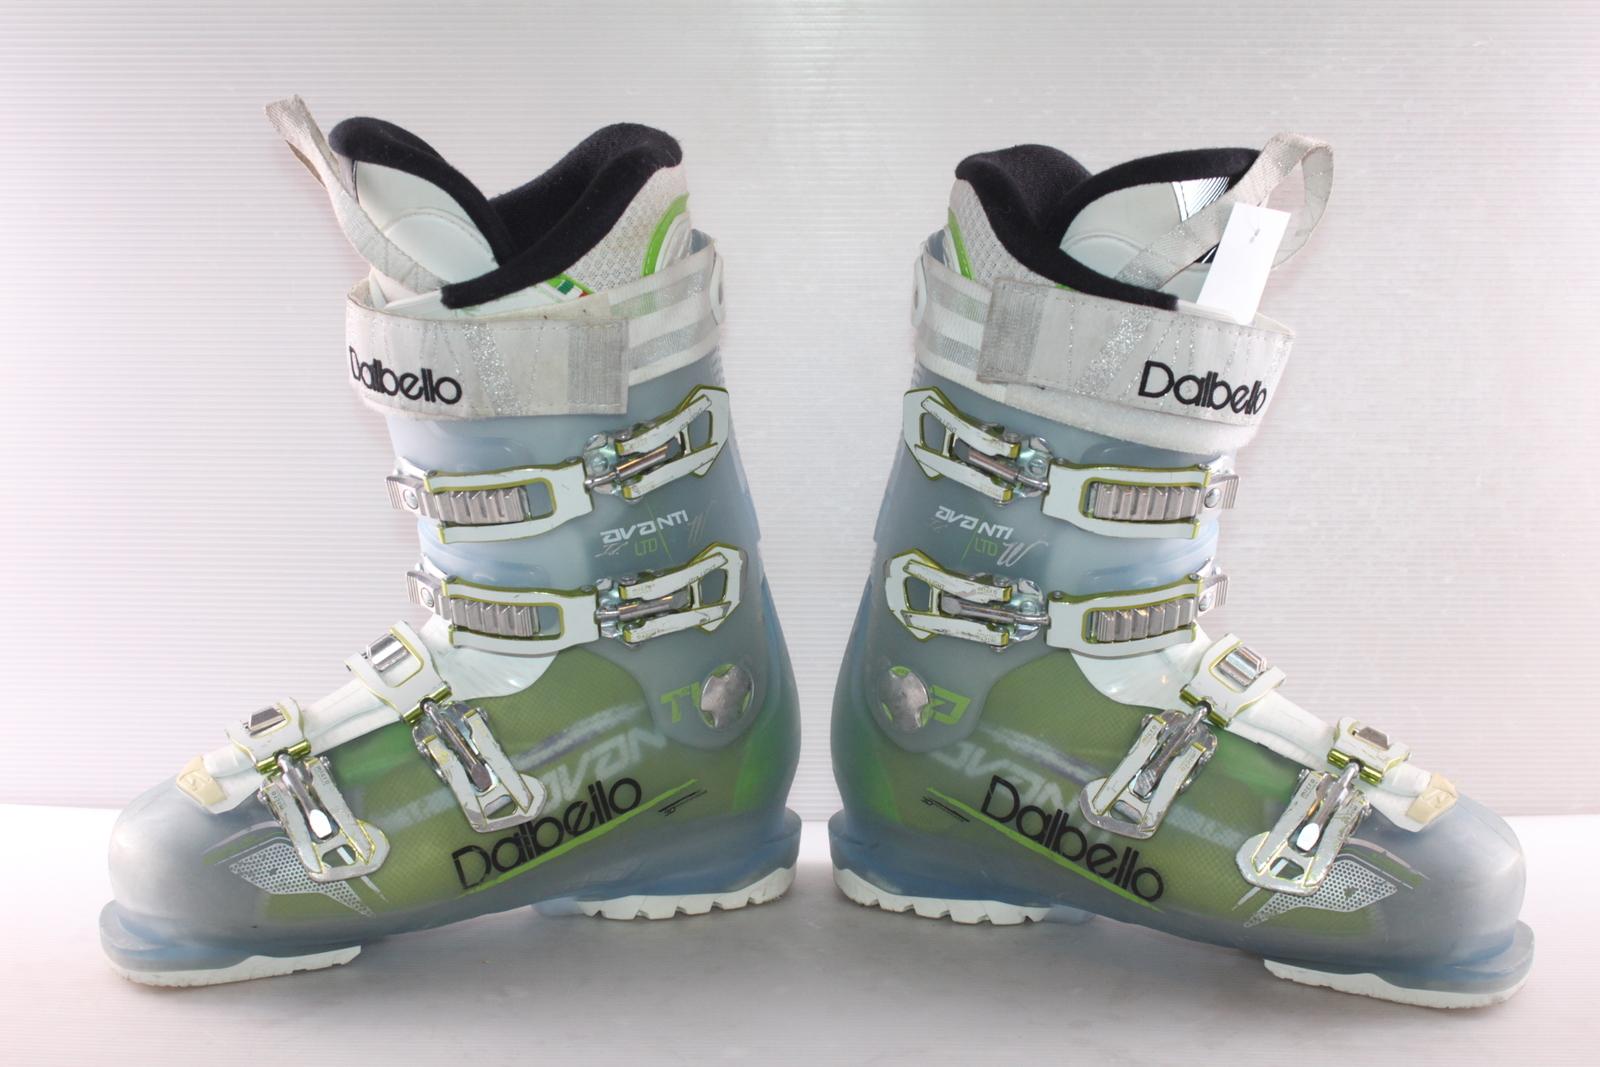 Dámské lyžáky Dalbello Avanti LTD W vel. EU41